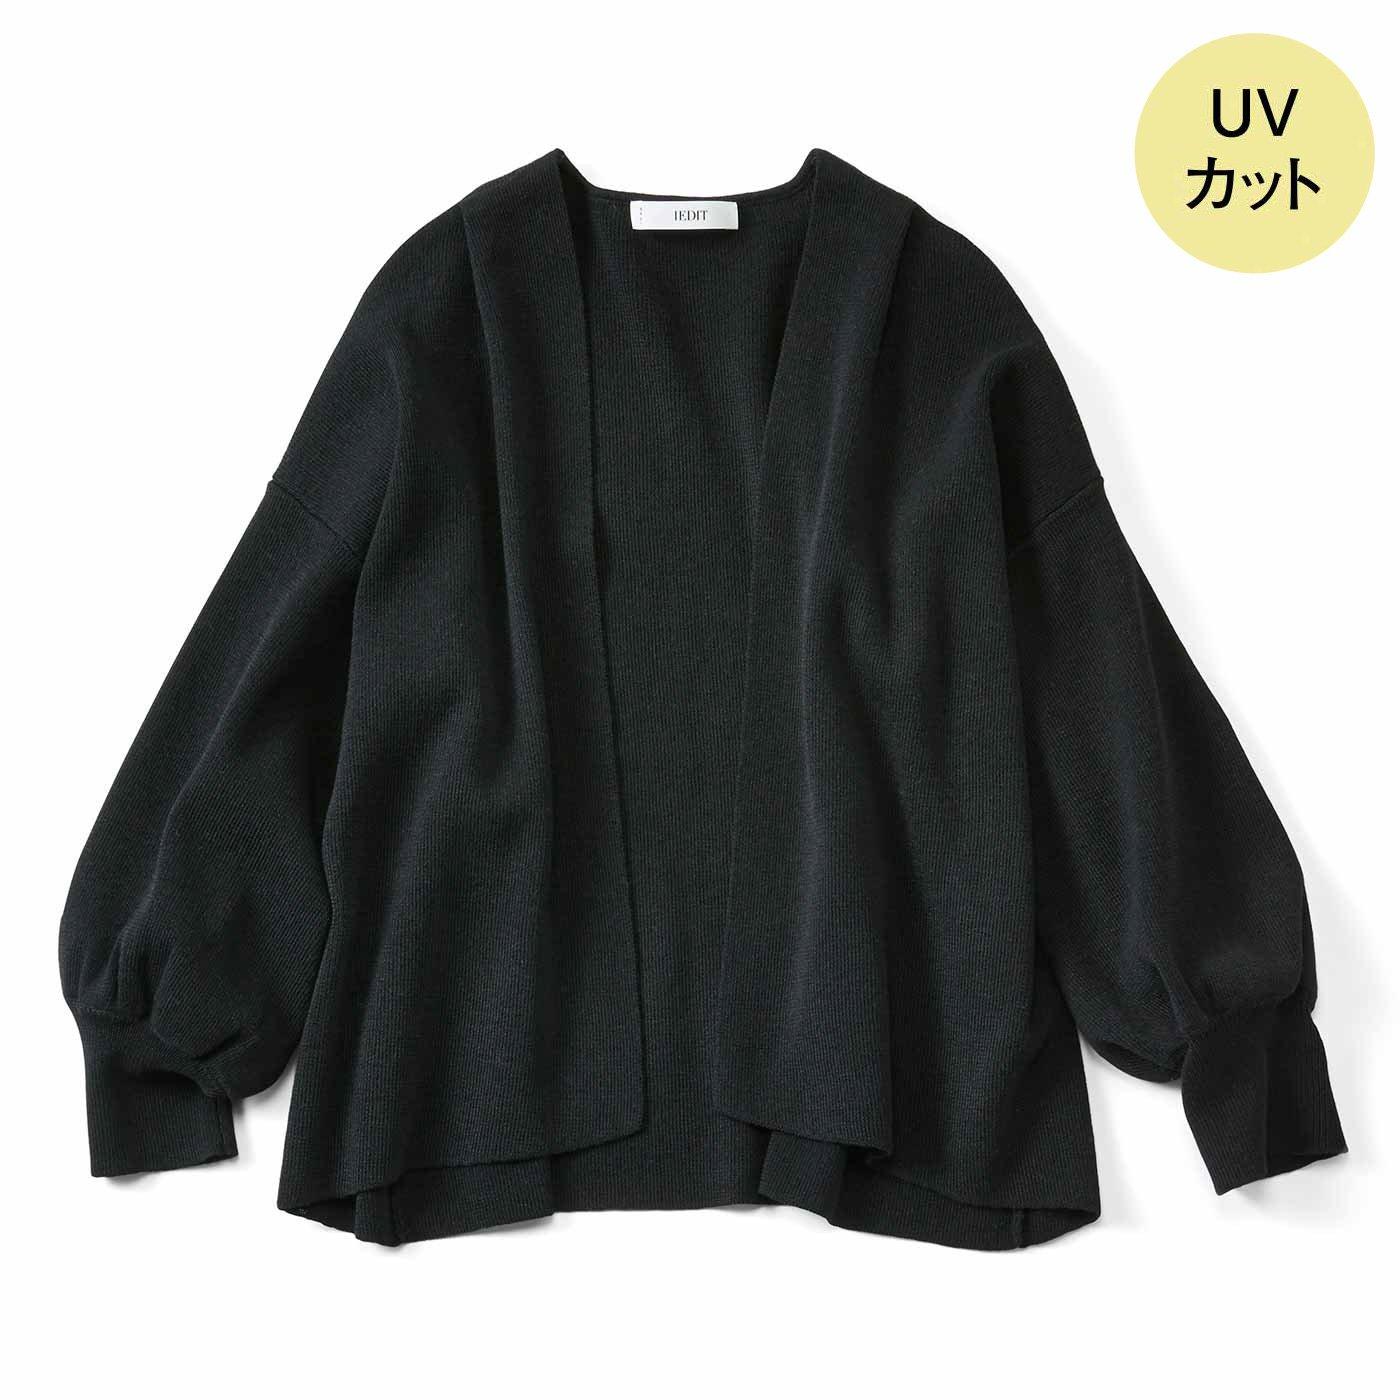 IEDIT[イディット] 弾力のあるゴム編みで仕立てた 上品UVニットボレロカーデ〈ブラック〉